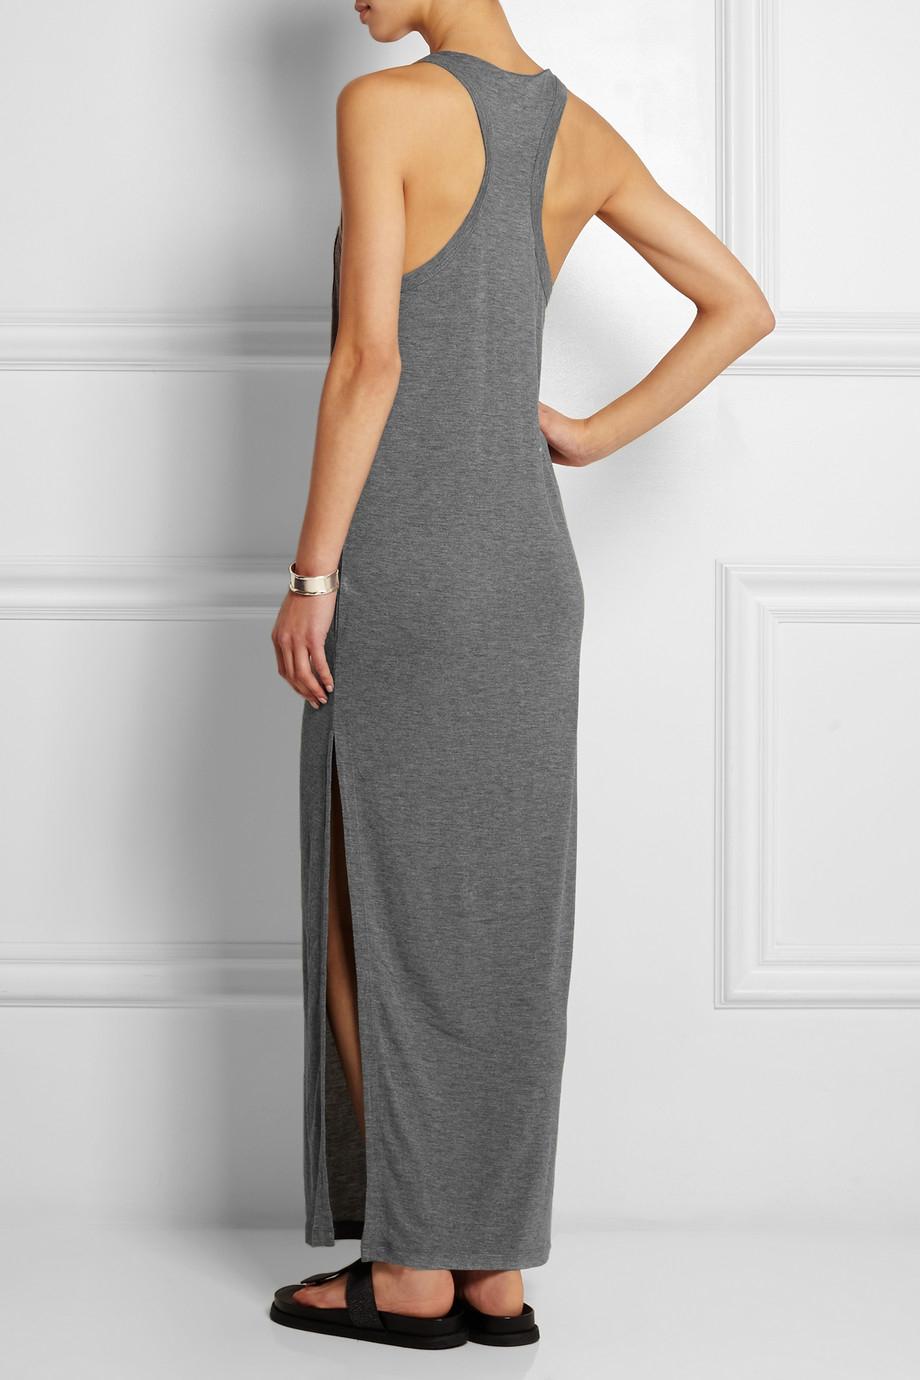 fitted jersey dress - Grey Alexander Wang 5hLVt05